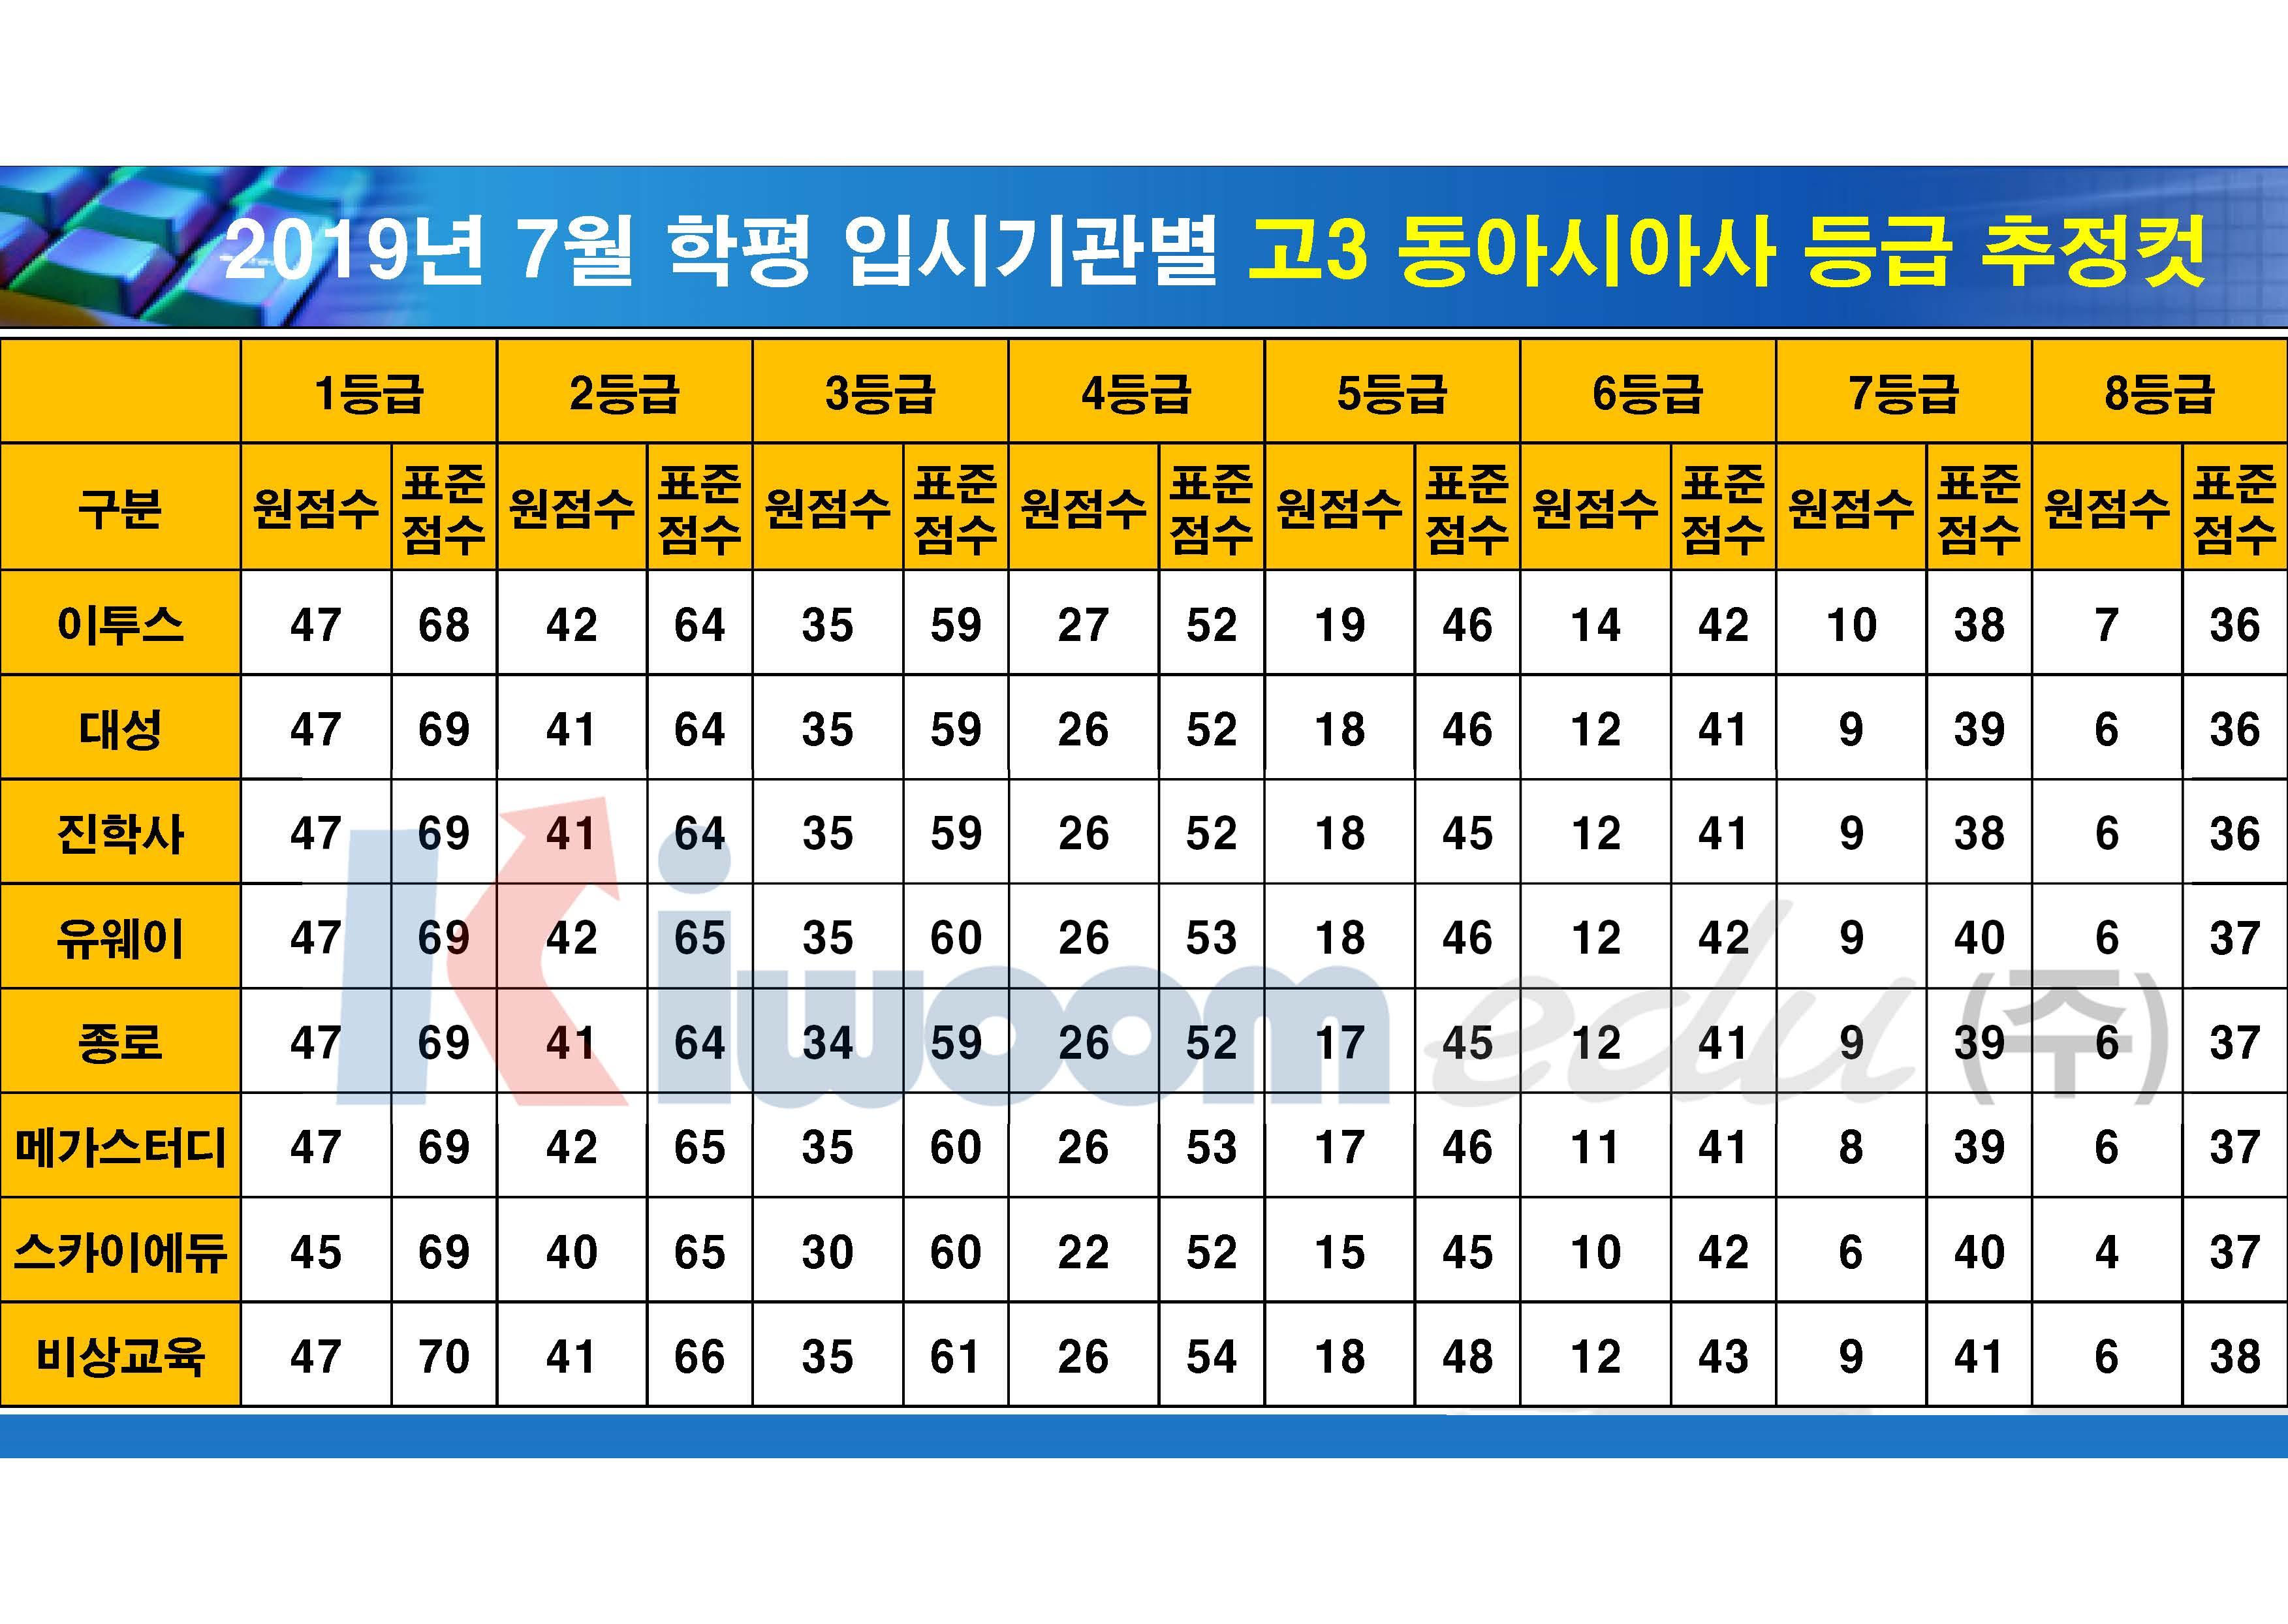 2019 7월 모의고사 입시기관별 등급컷(고3)_20190711_안지훈#1(16시 30분 기준)_Page_10.jpg